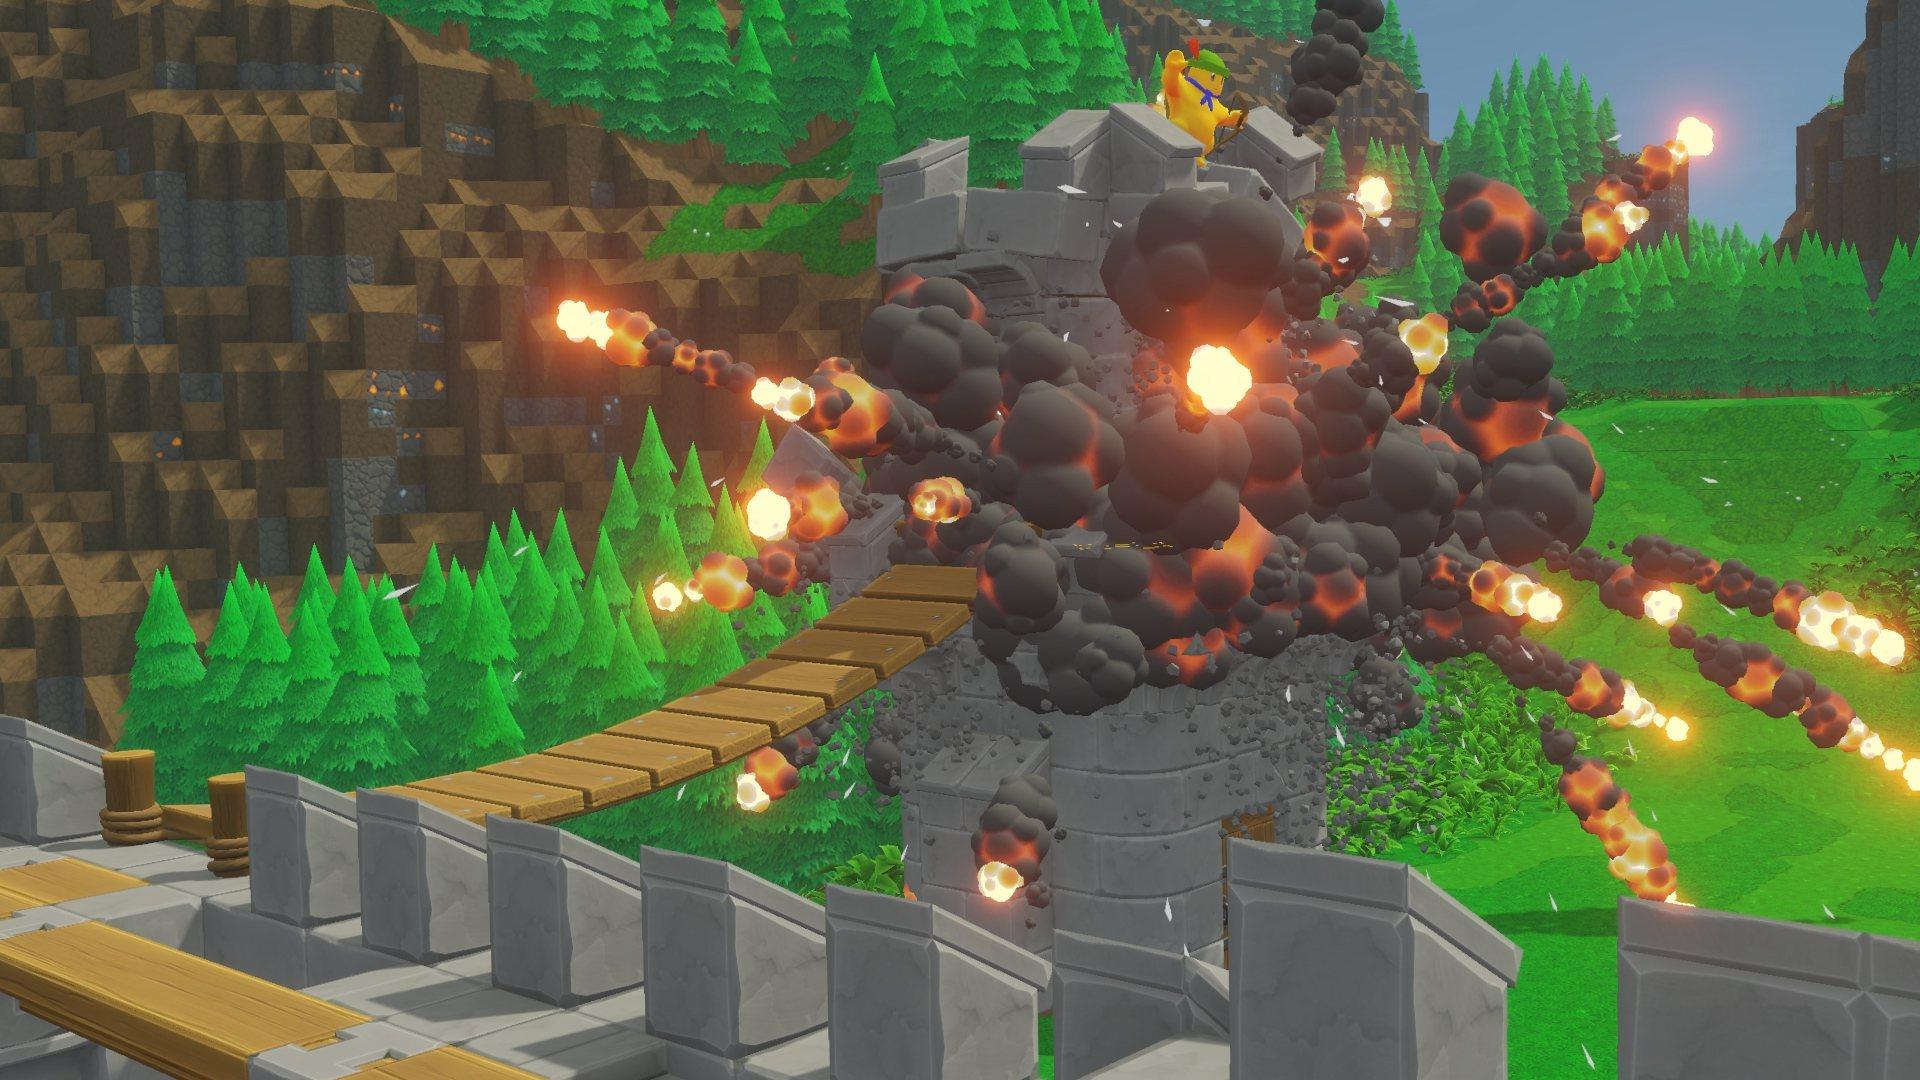 5-gier-podobnych-do-minecraft-castle-story-4.jpg